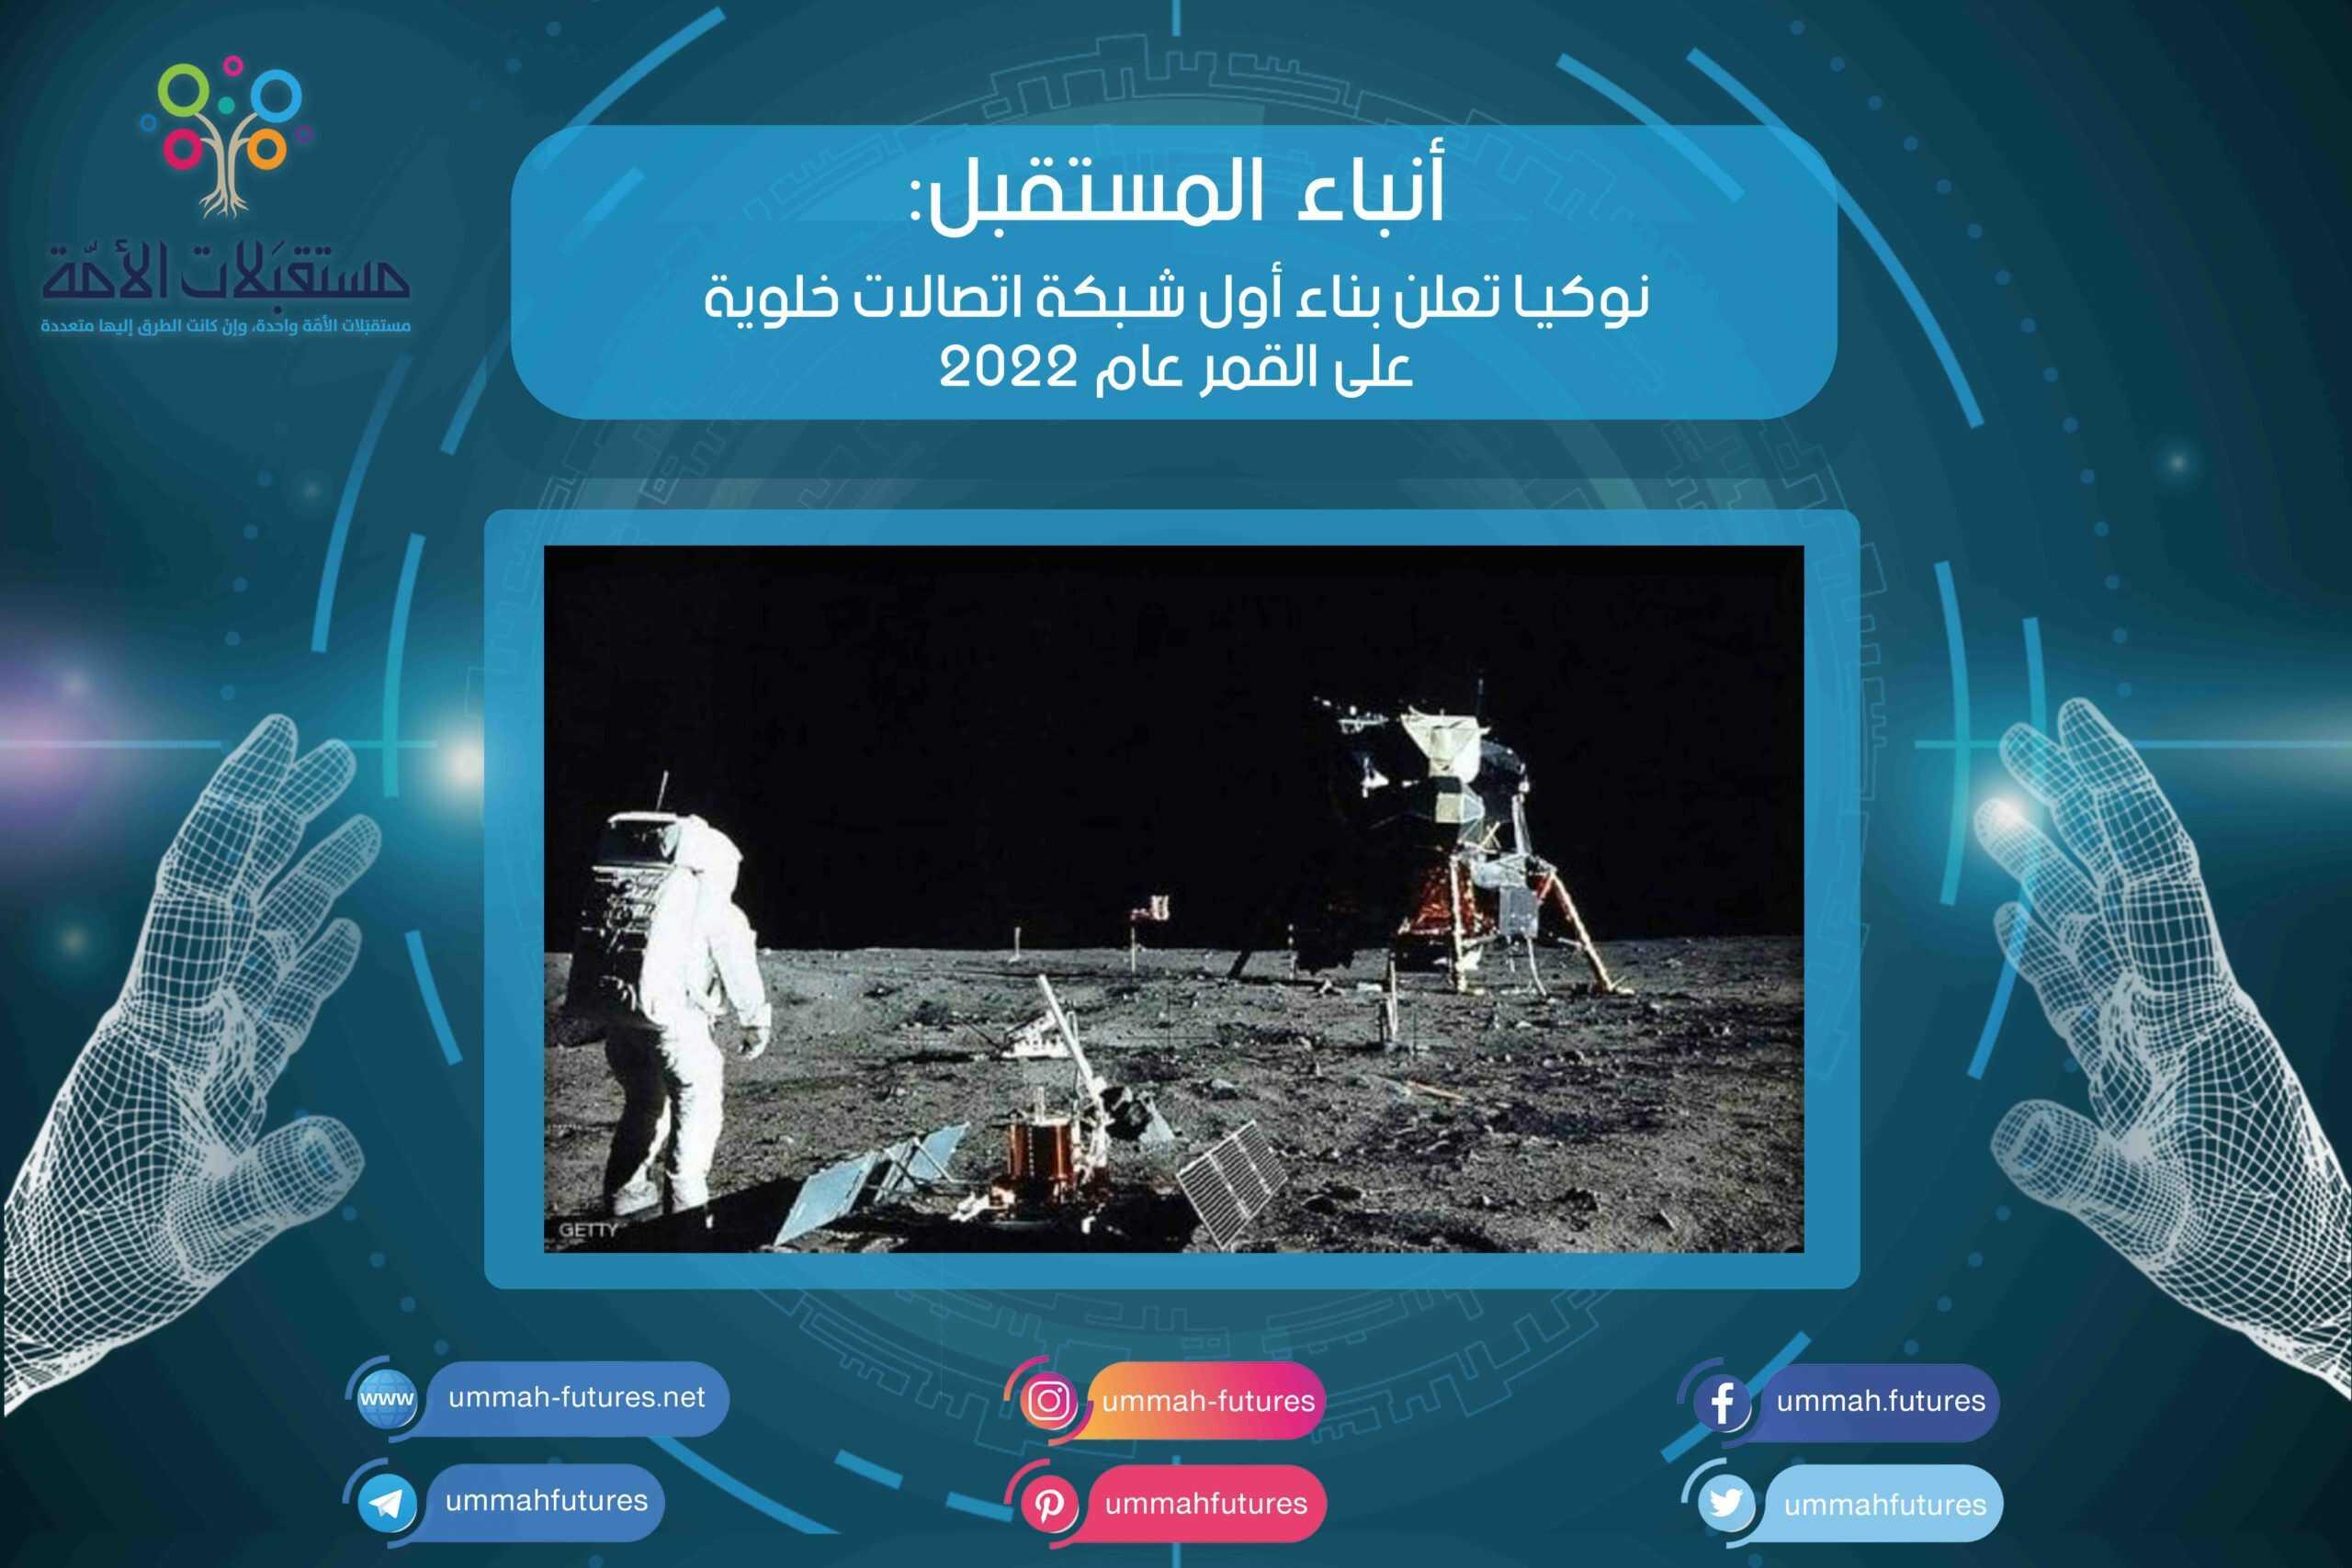 نوكيا تعلن بناء أول شبكة اتصالات خلوية على القمر عام 2022